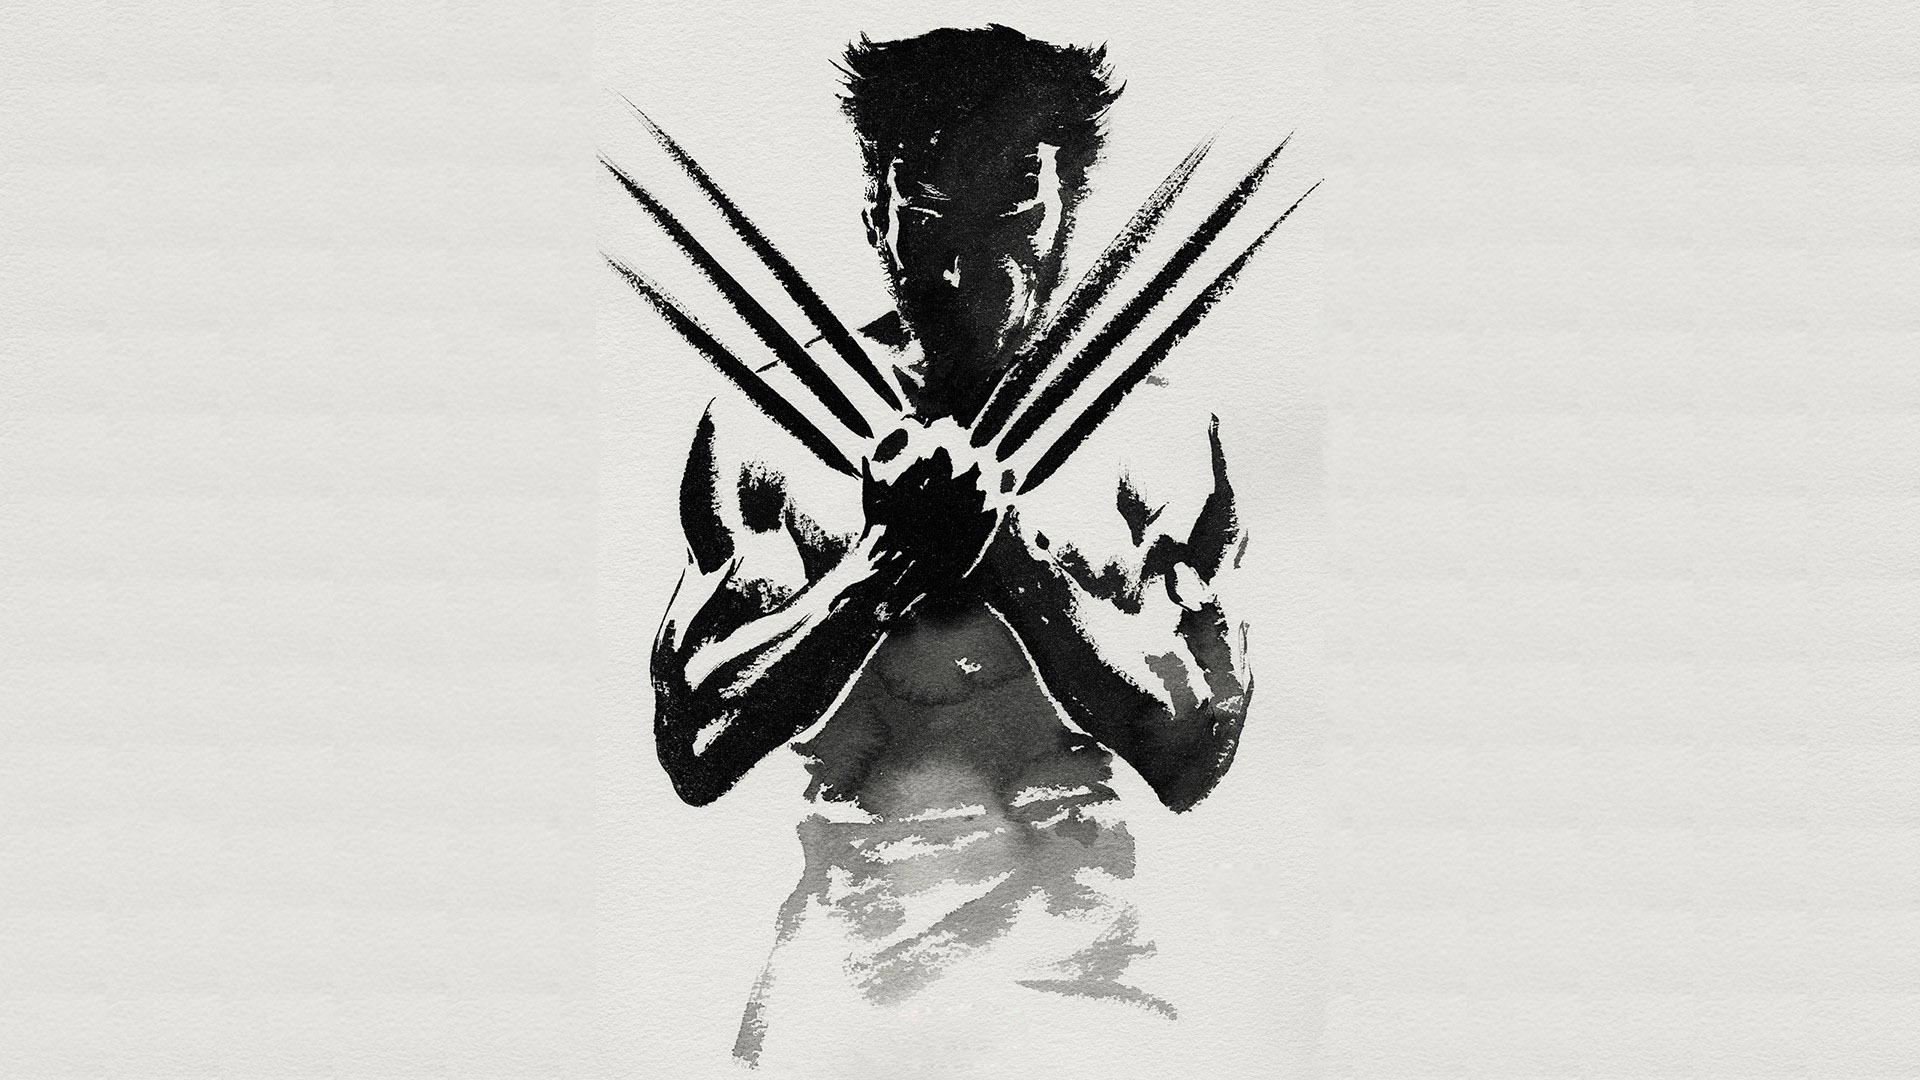 Wolverine Wallpaper Hd - WallpaperSafari